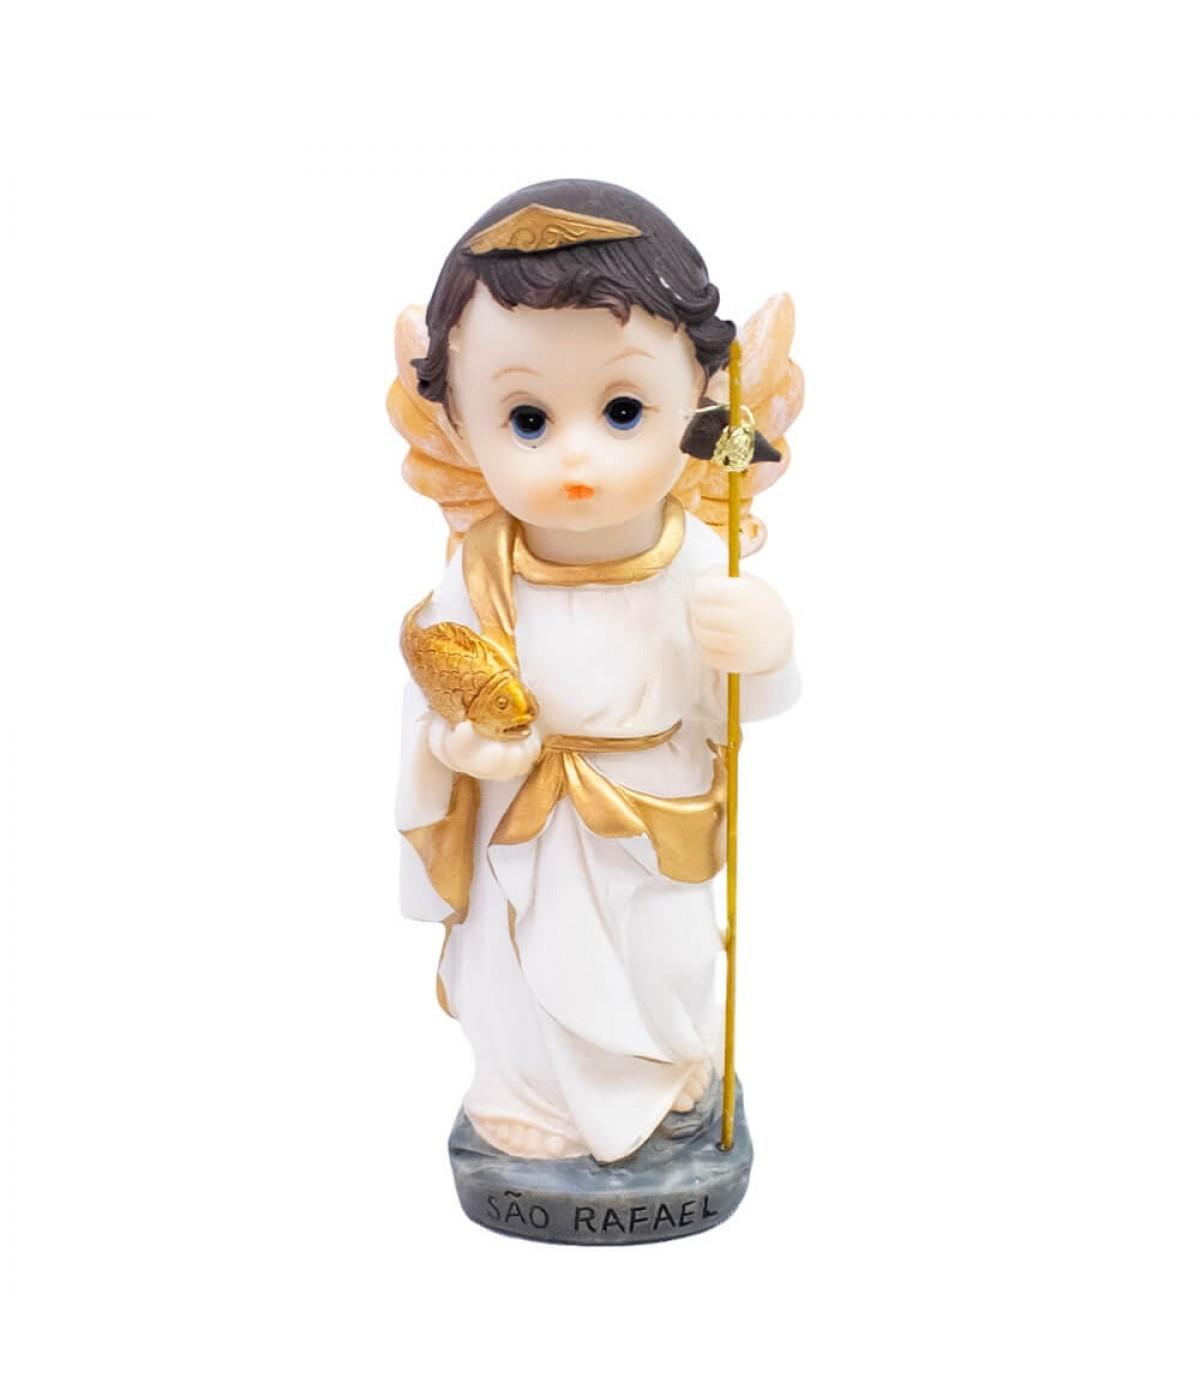 São Rafael 13cm Infantil - Enfeite Resina